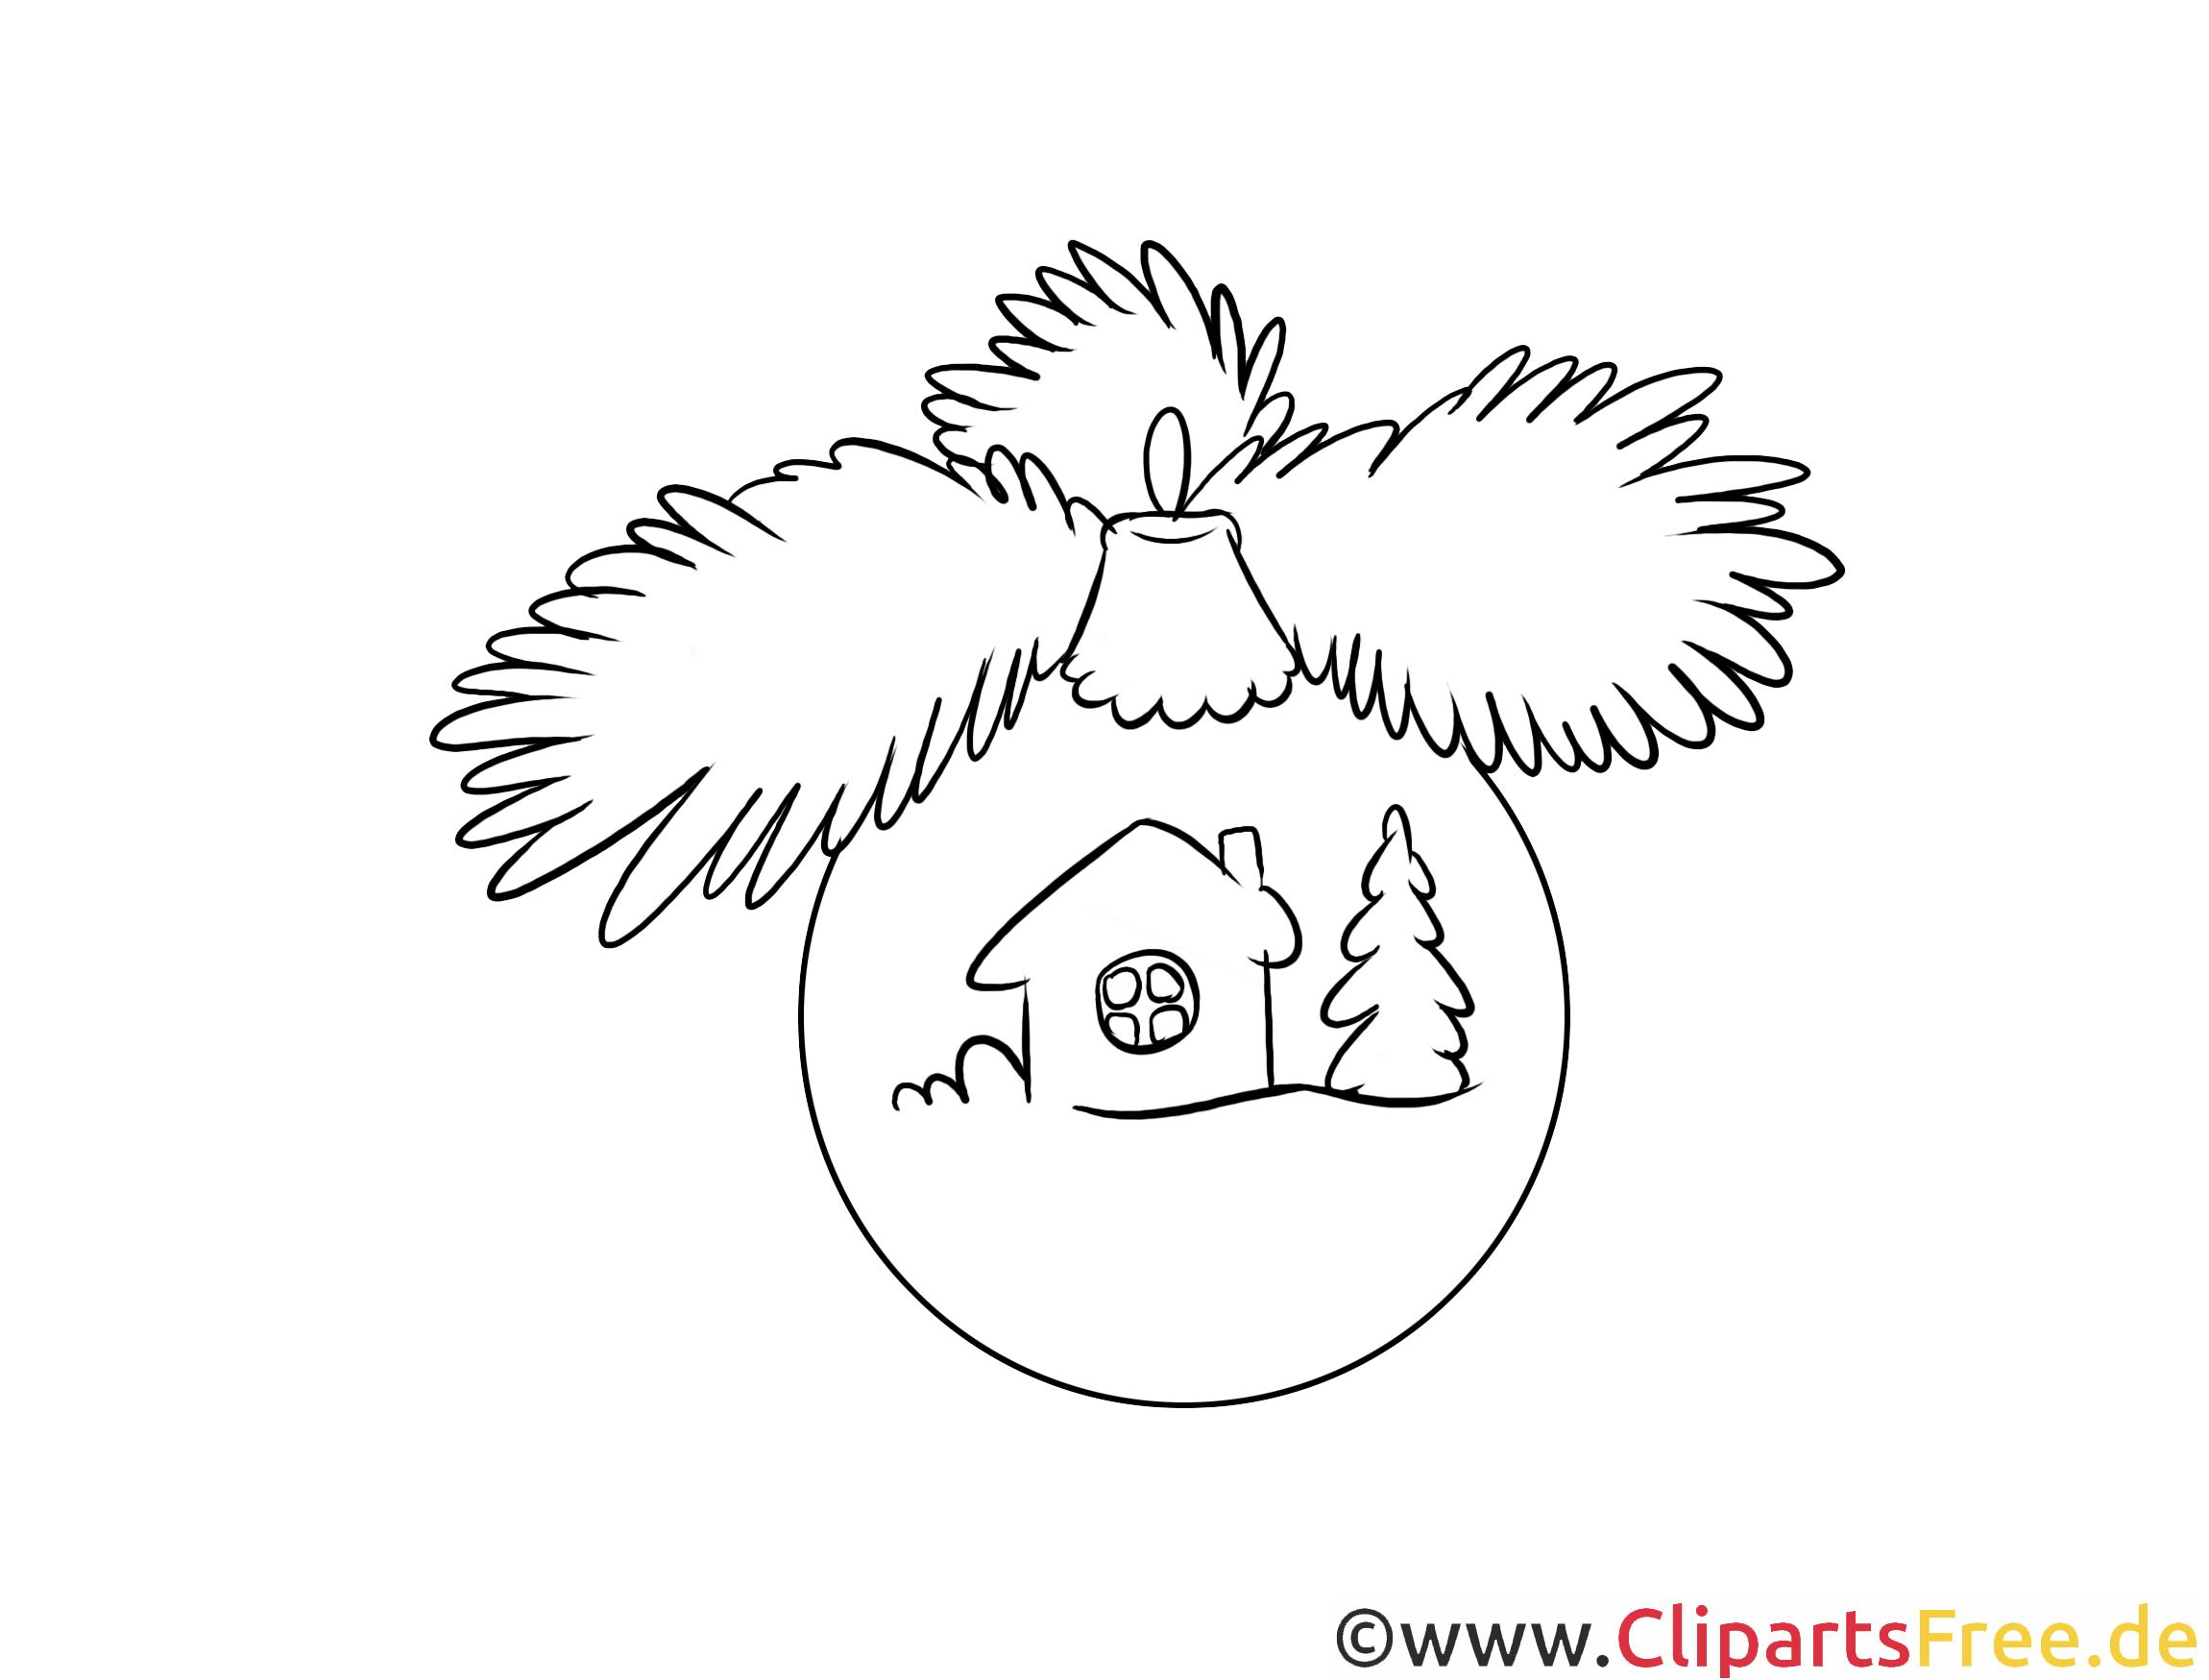 Wunderbar Weihnachtsschmuck Vorlagen Kostenlos Fotos - Entry Level ...